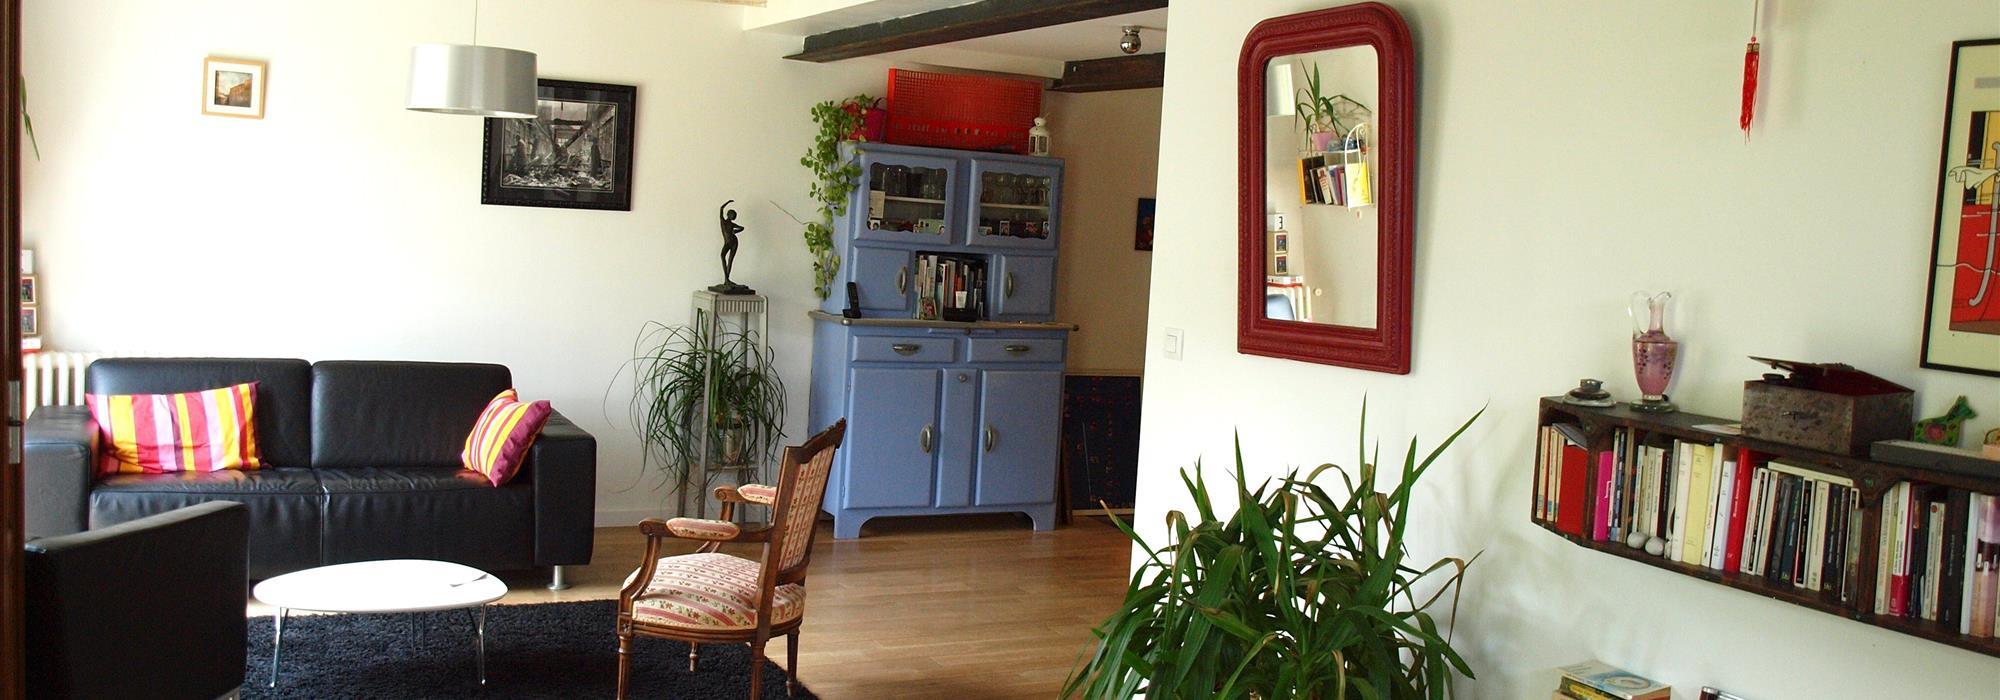 Maison � vendre Rennes Ste Th�r�se